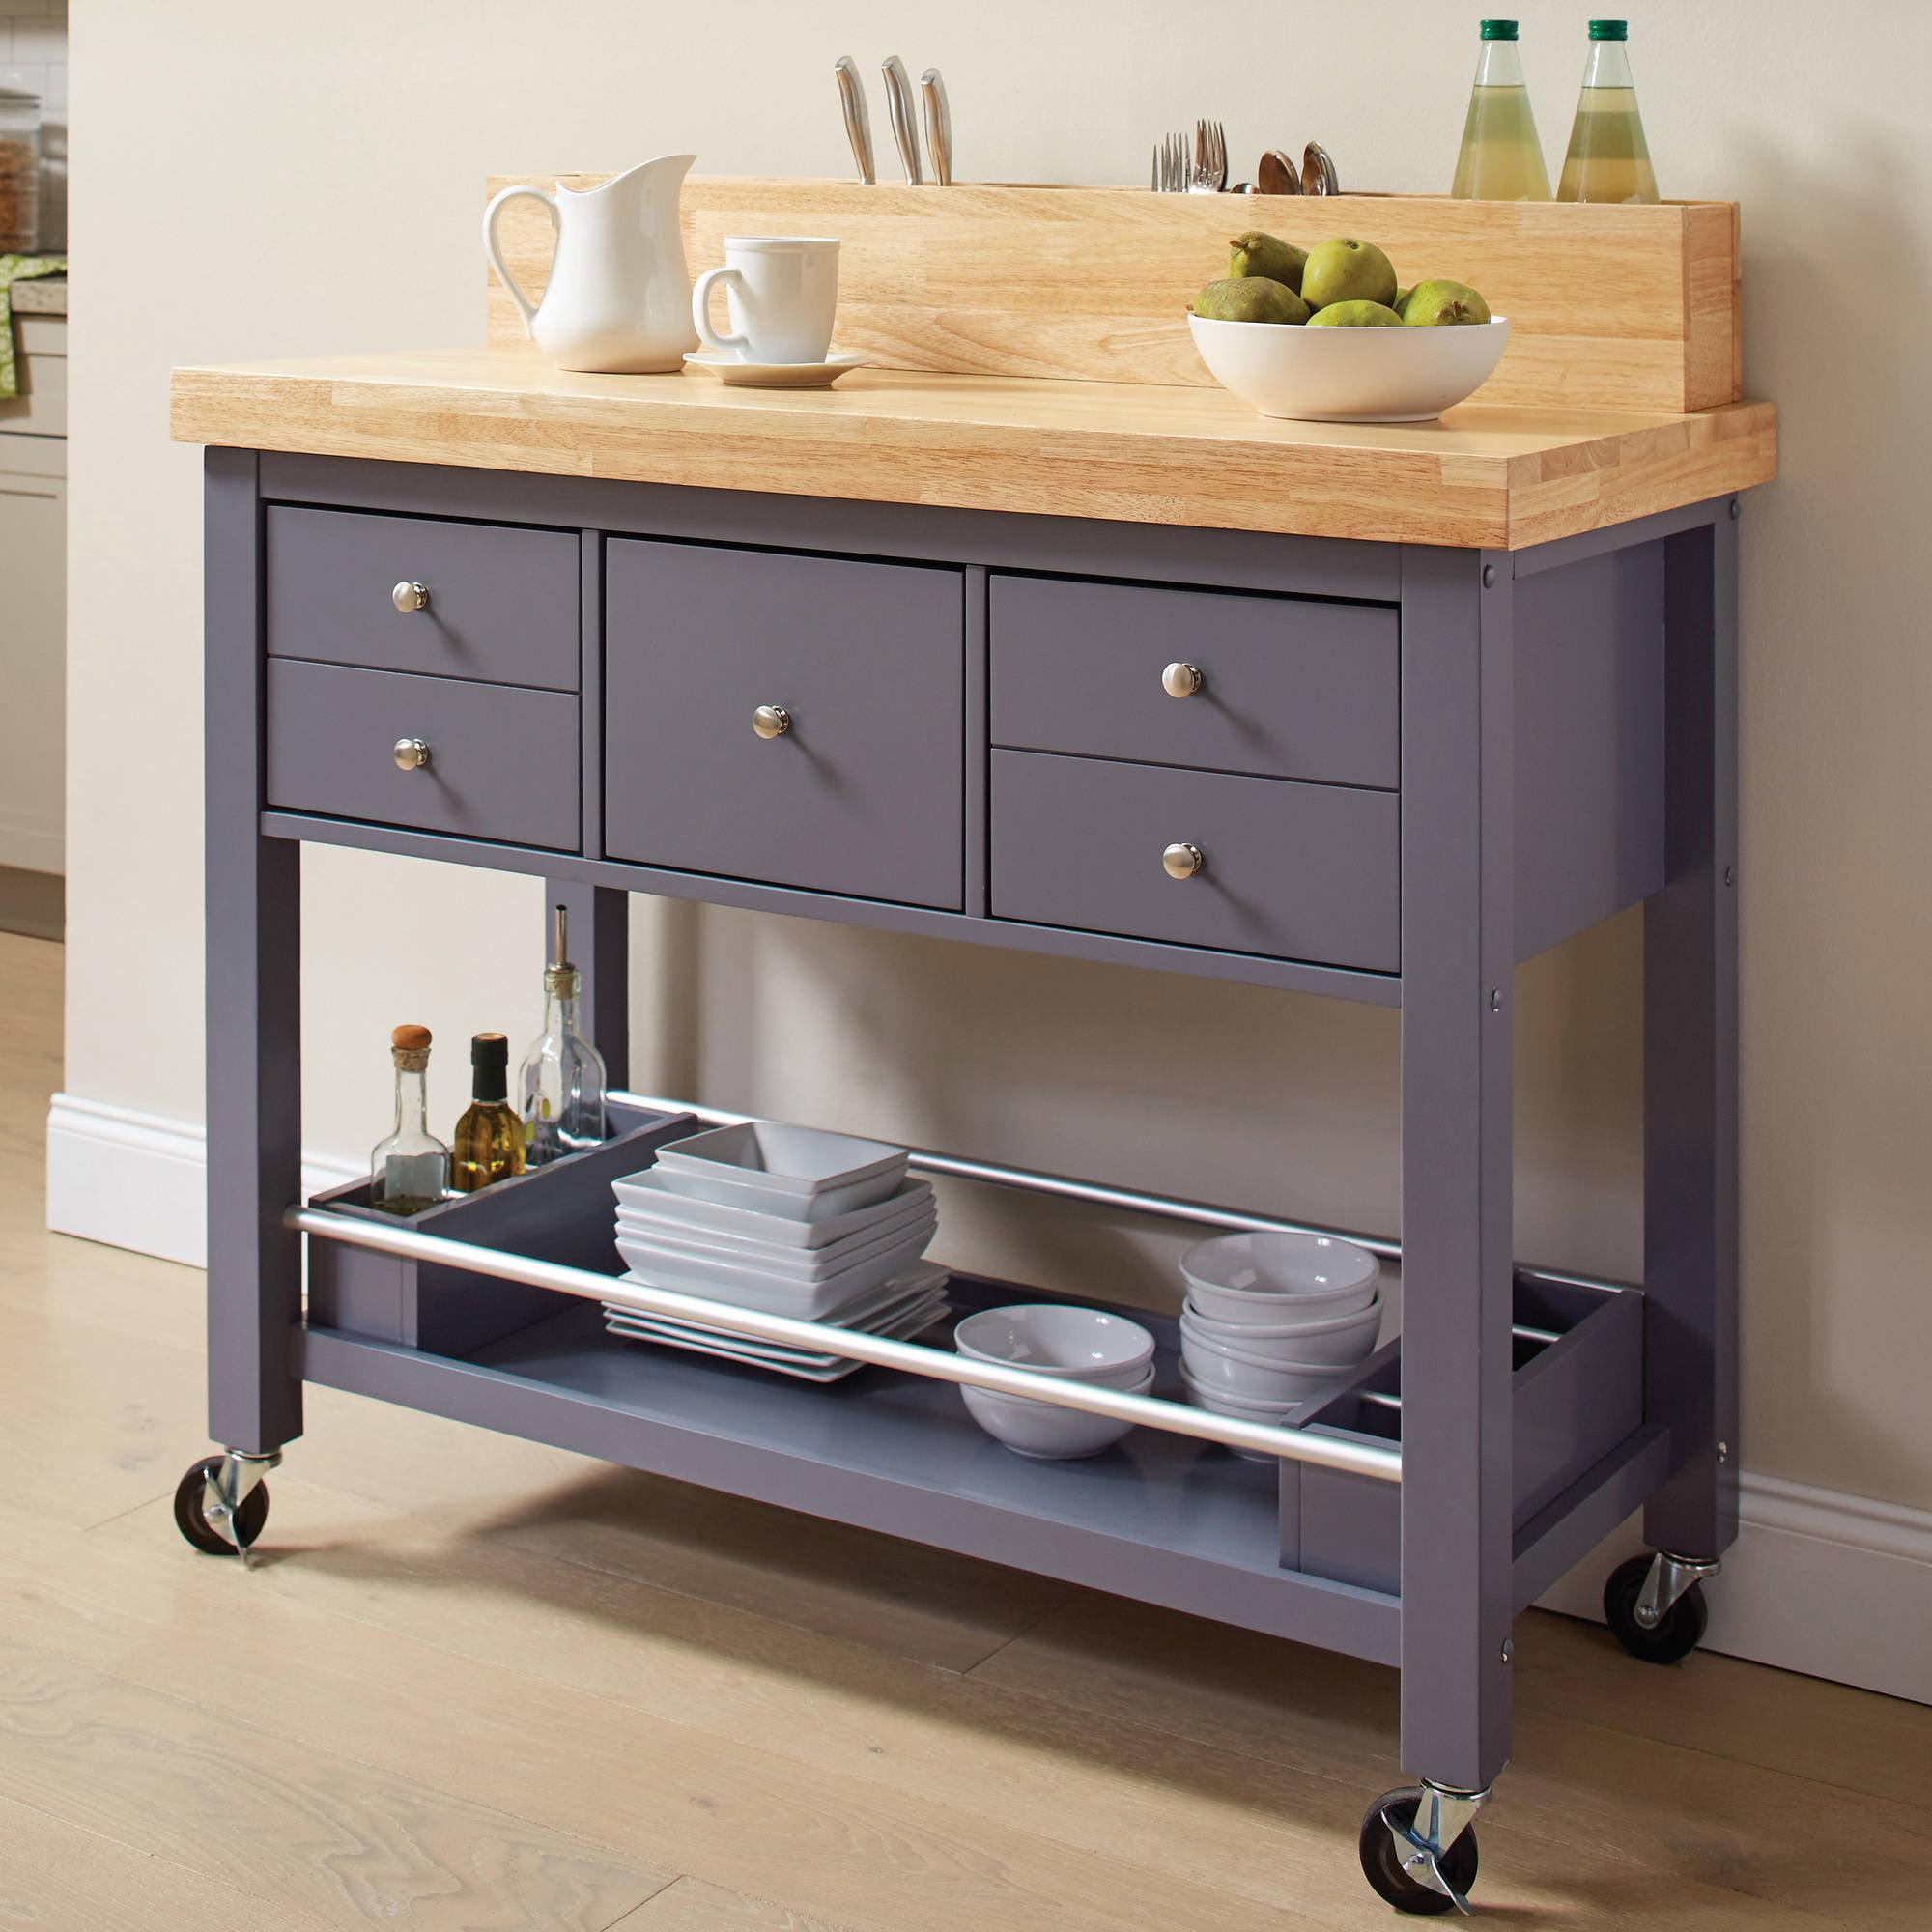 Coaster Furniture Kitchen Cart in Dark Gray